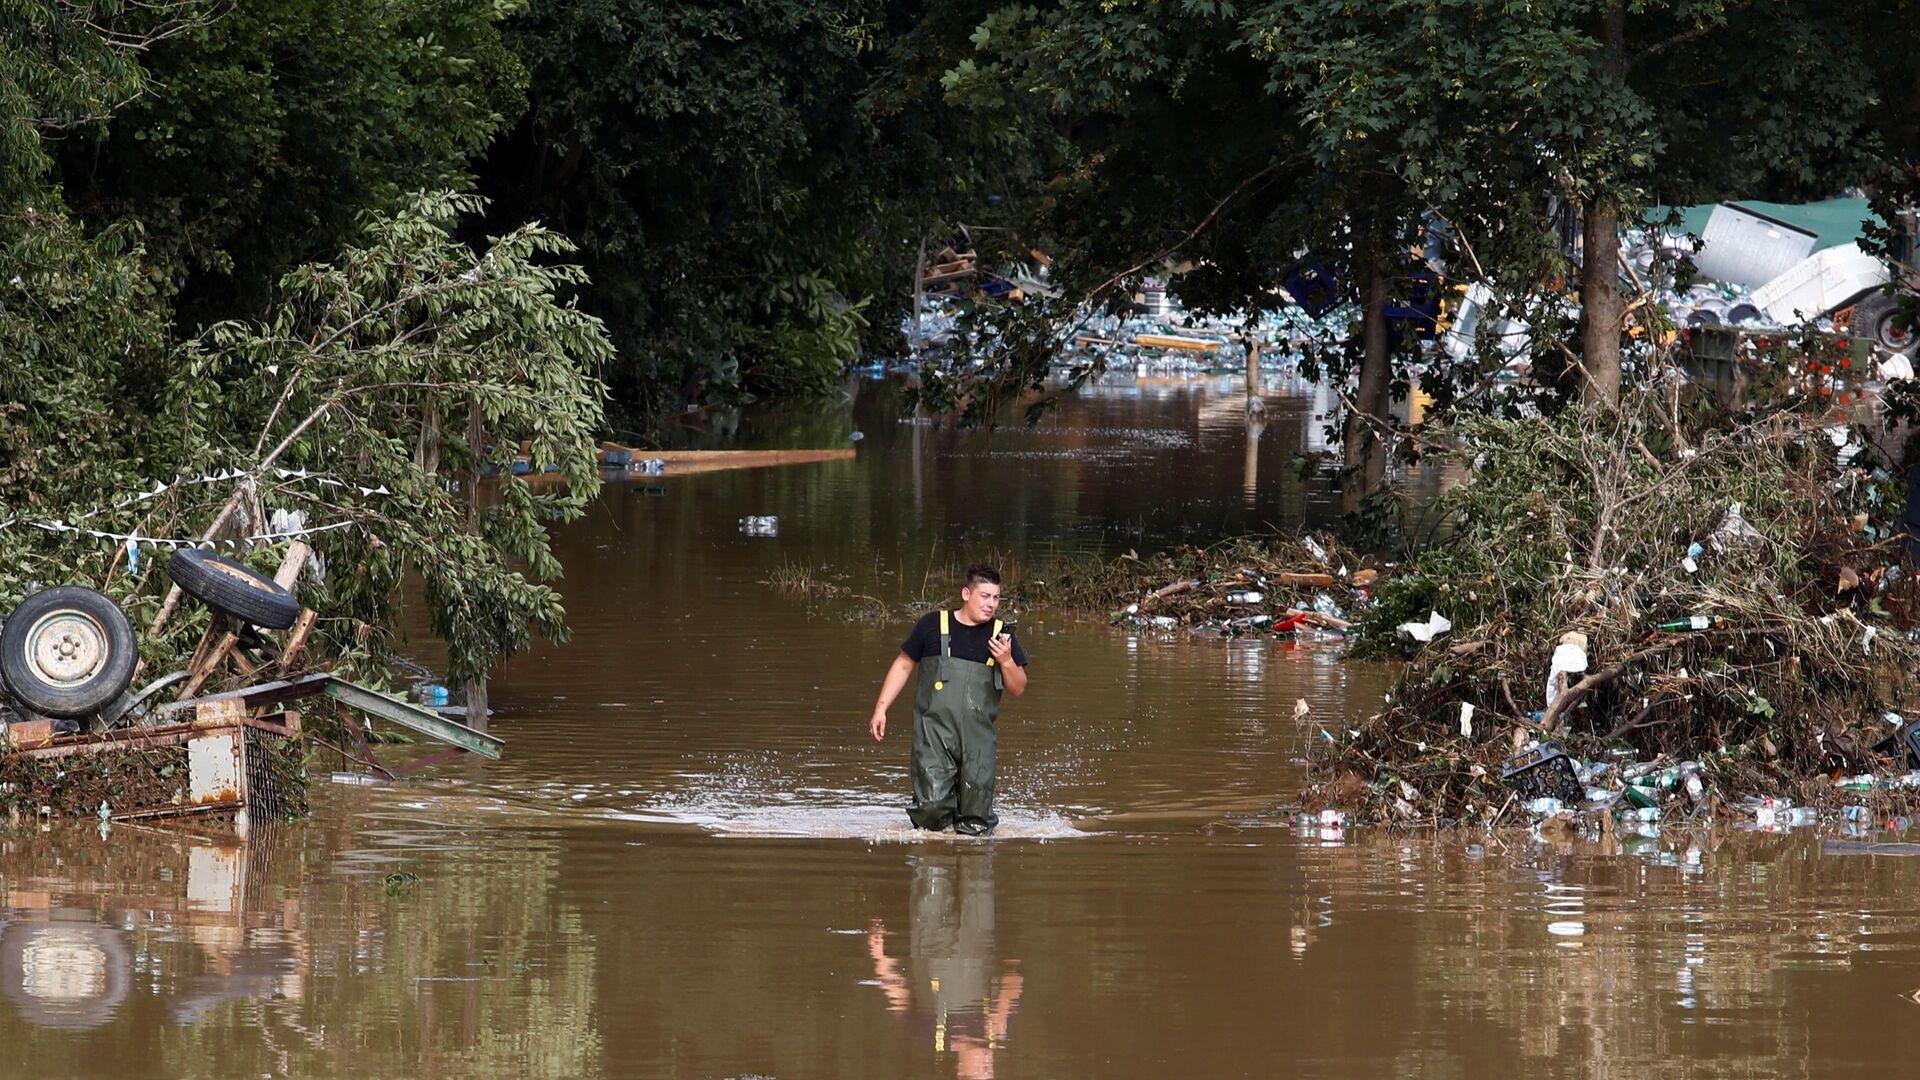 Überschwemmung in Deutschland - SNA, 1920, 22.07.2021